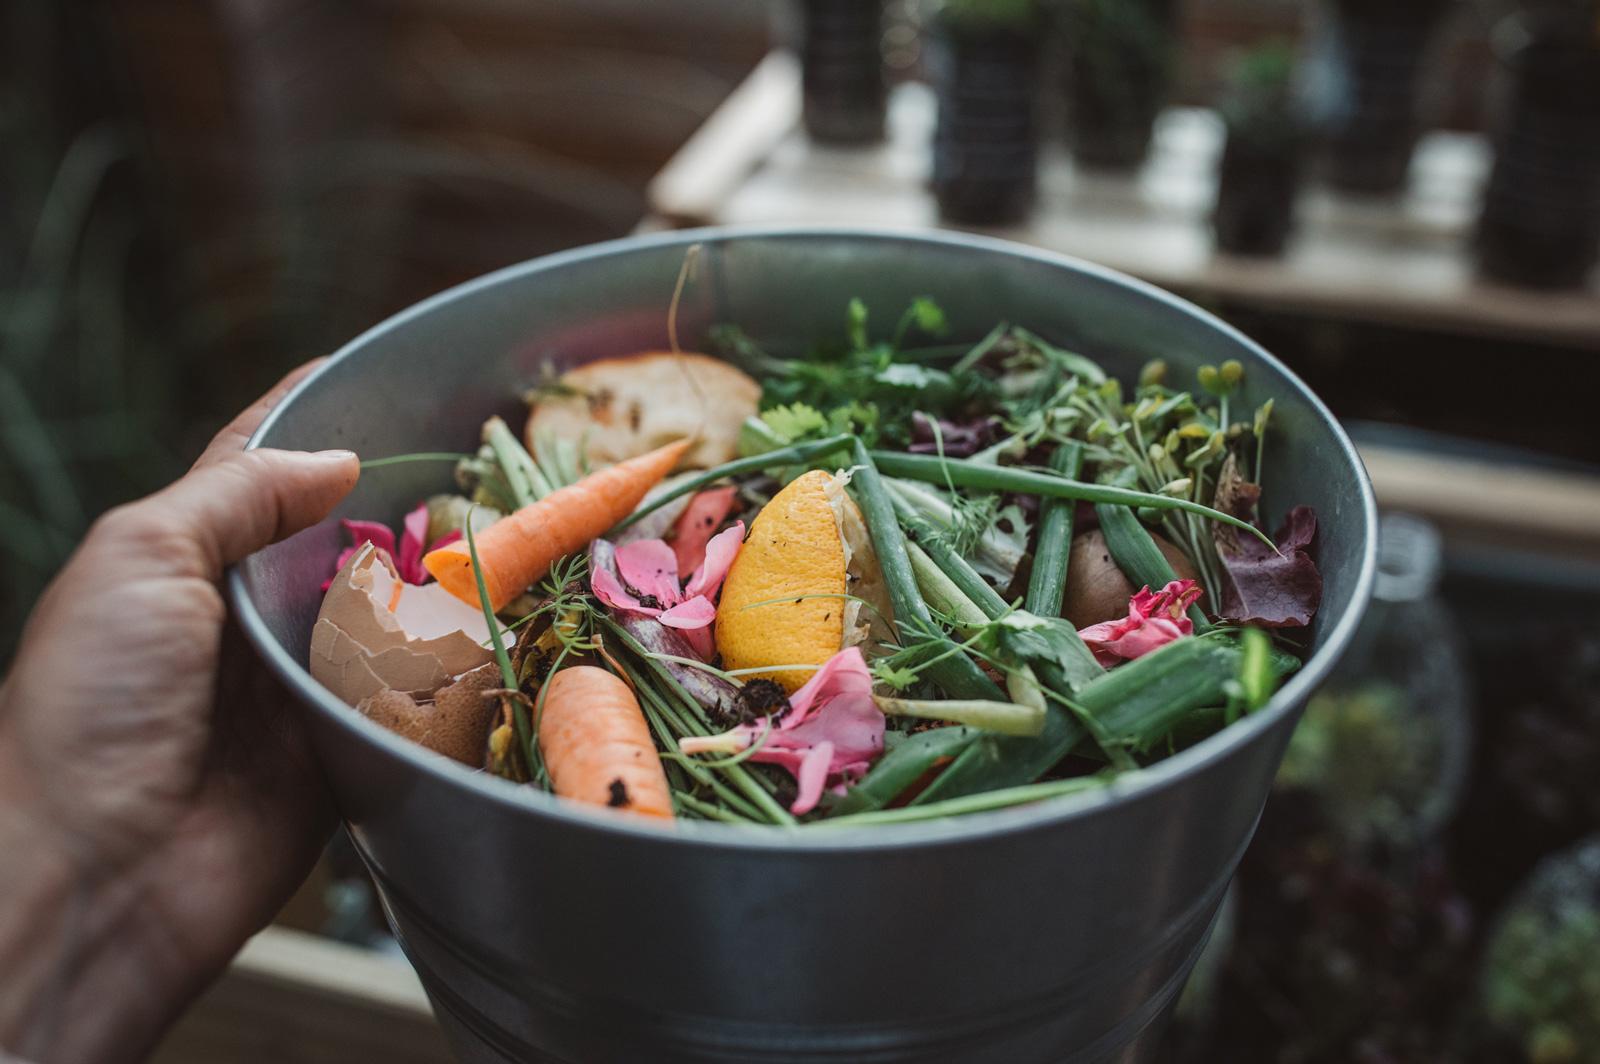 Organische Küchenabfälle werden im Kompost verwertet.